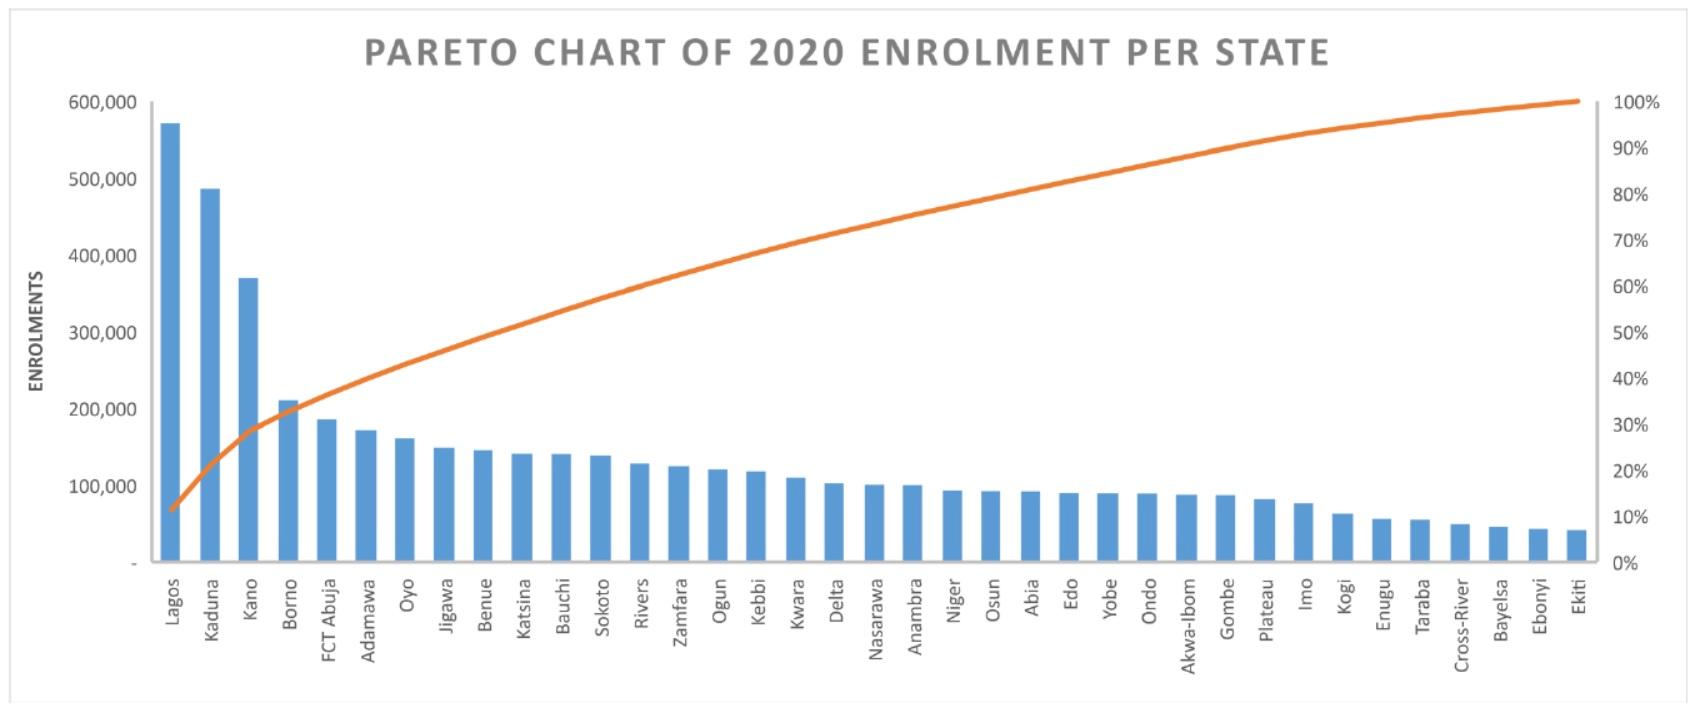 Pareto Chart of 2020 Enrolment per State